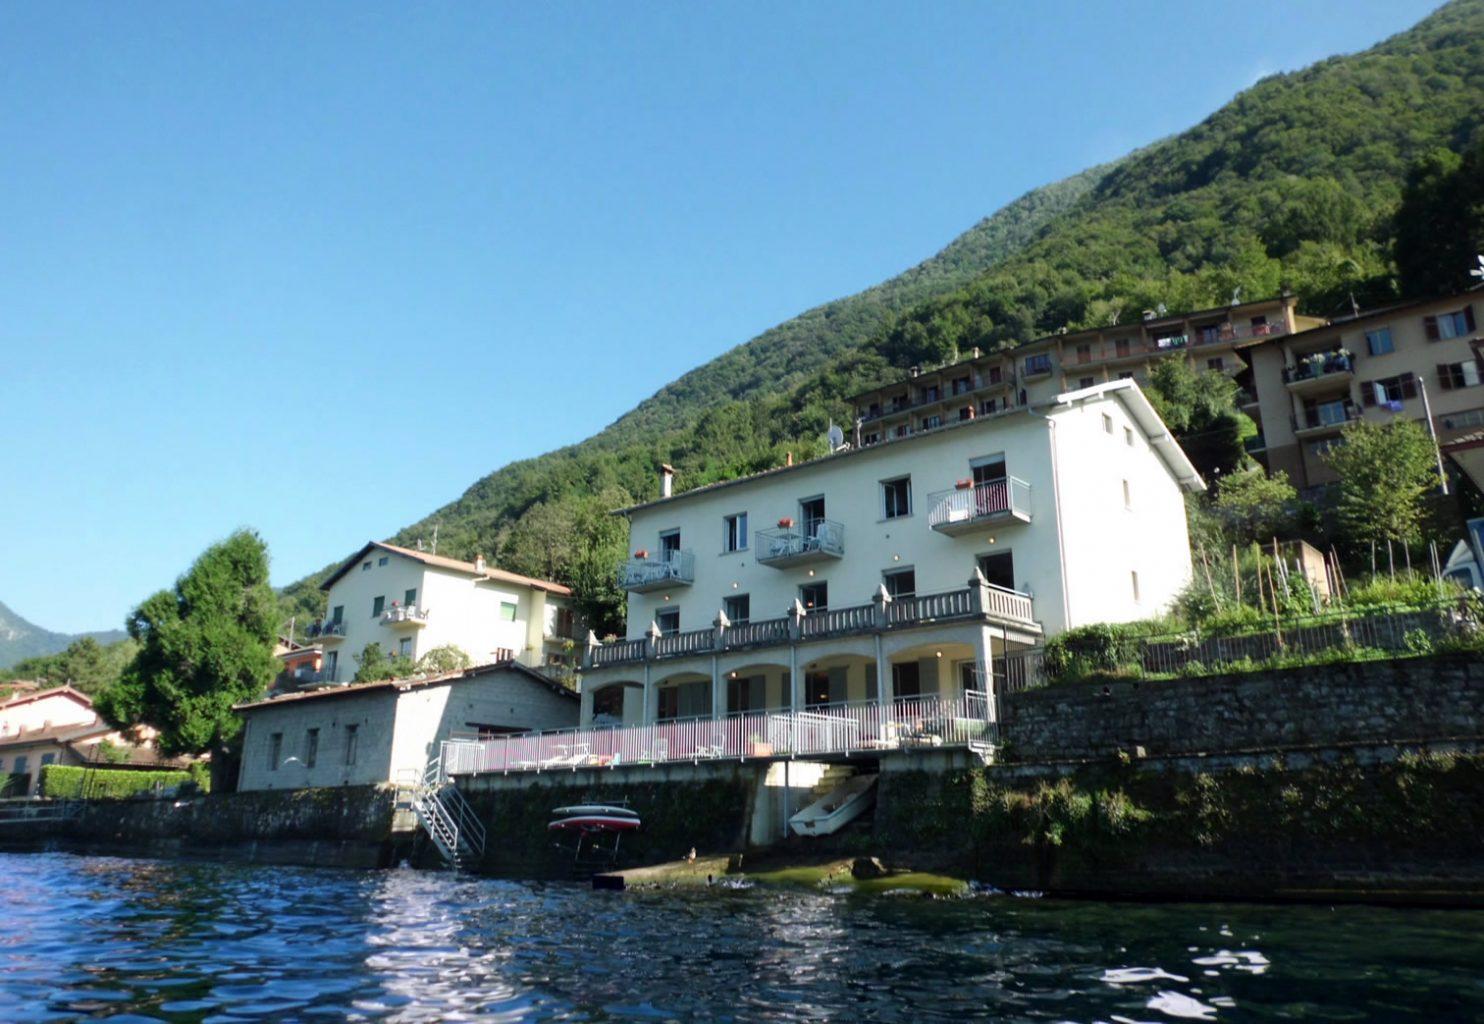 villa verdi lakeside